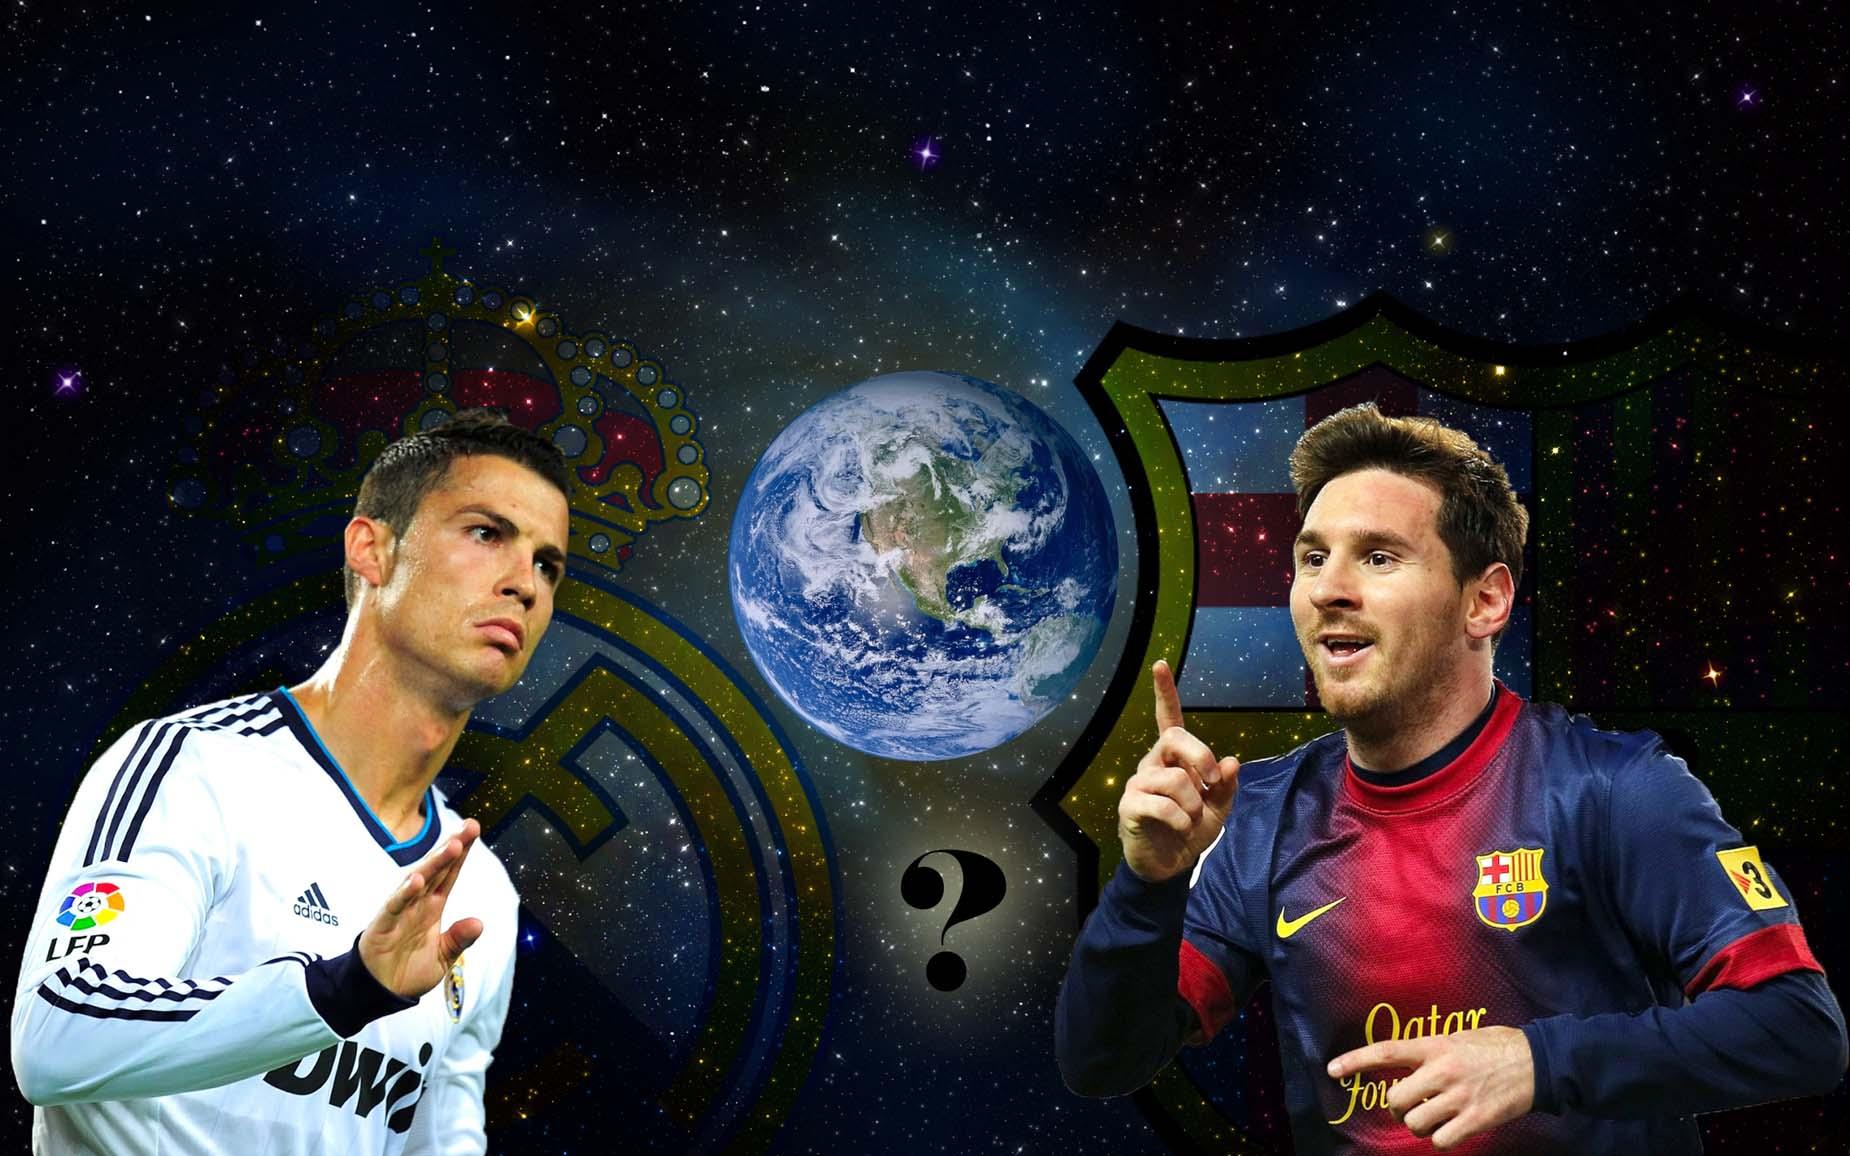 حلقة 4: من سيخلف ميسي و رونالدو على عرش كرة القدم ؟